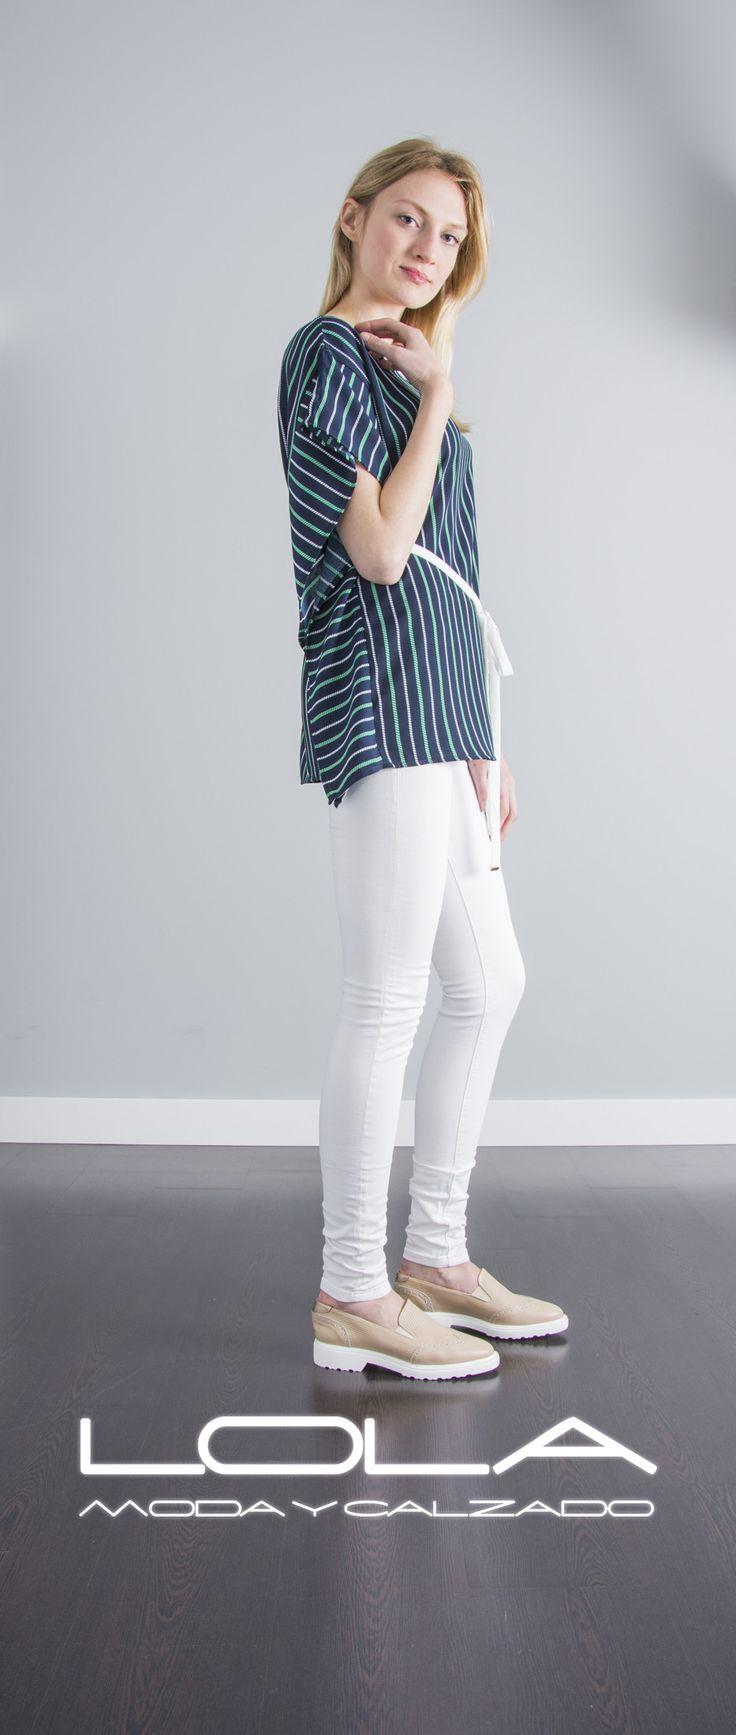 A rayas te vas a quedar cuando tengas este estilazo de blusa por 30 €.  Pincha este enlace para comprar tu blusa en nuestra tienda on  line:  http://lolamodaycalzado.es/primavera-verano/578-blusa-tanger-en-azul-sophyline.html